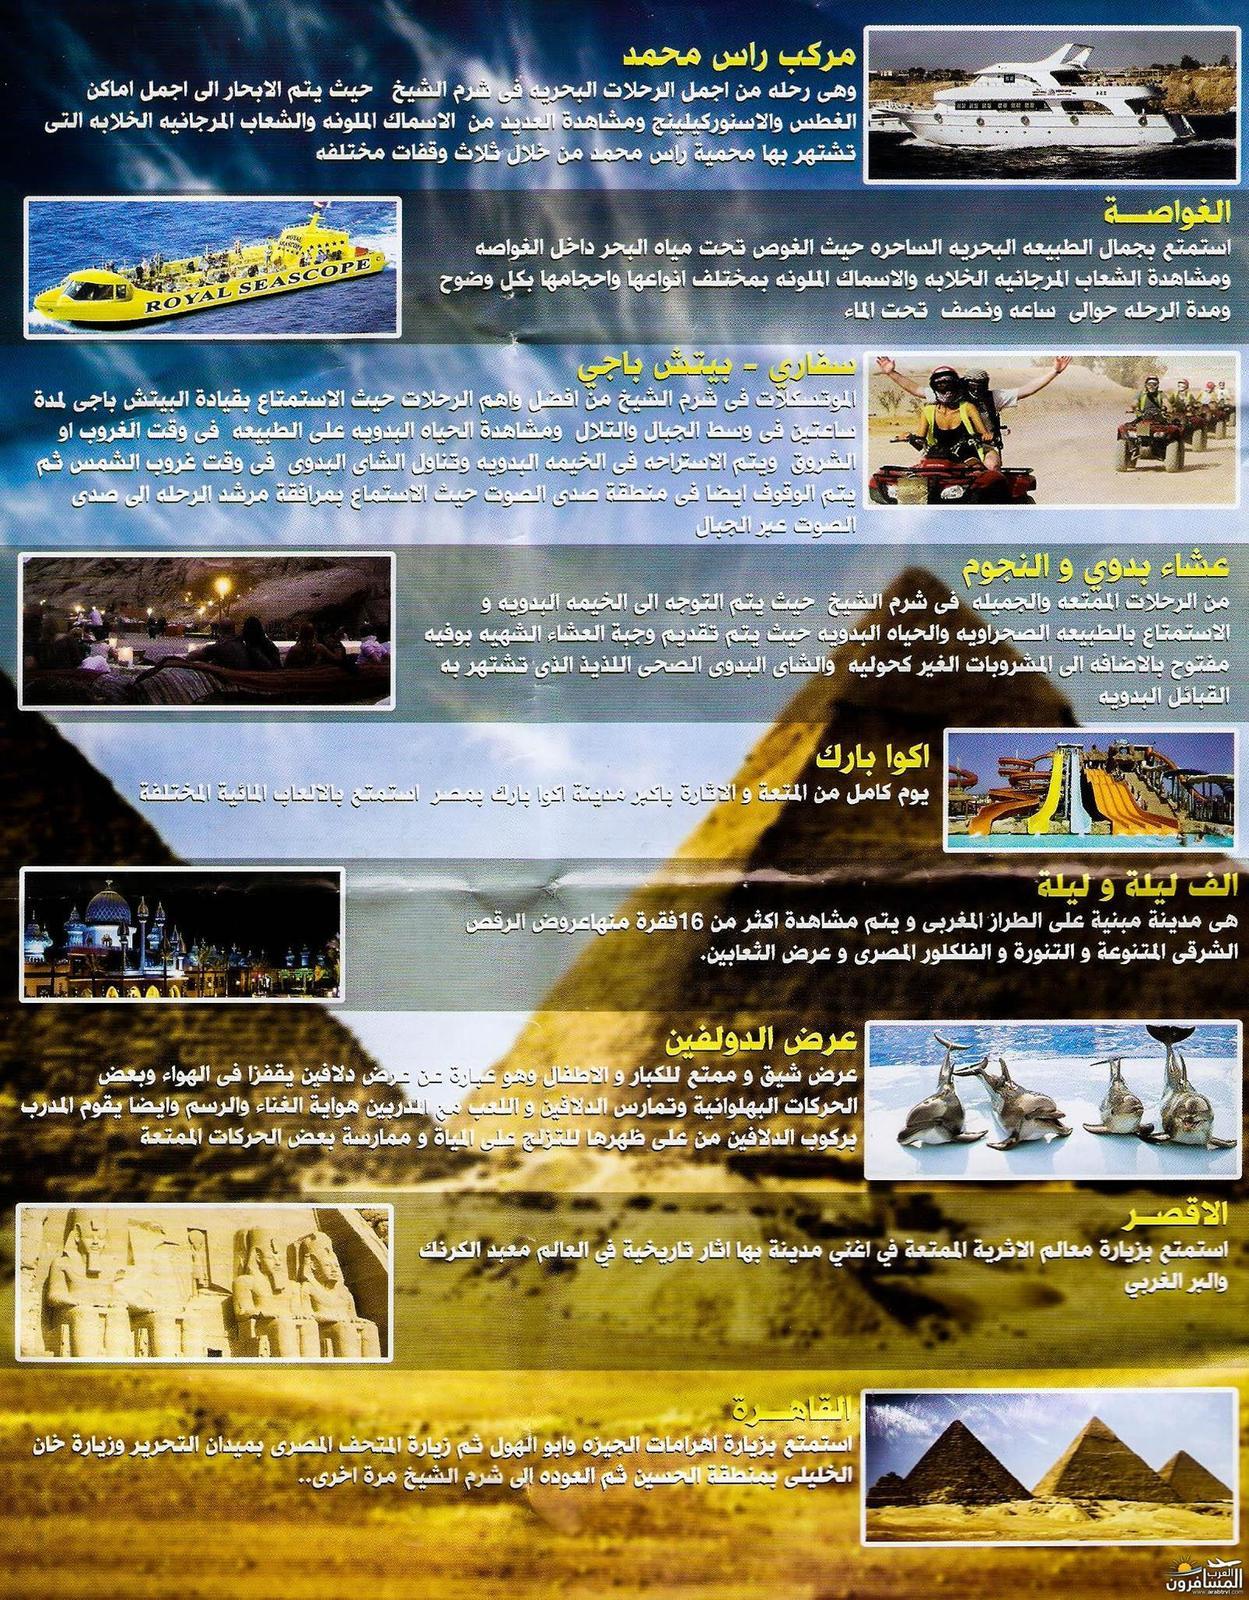 arabtrvl1485859659181.jpg